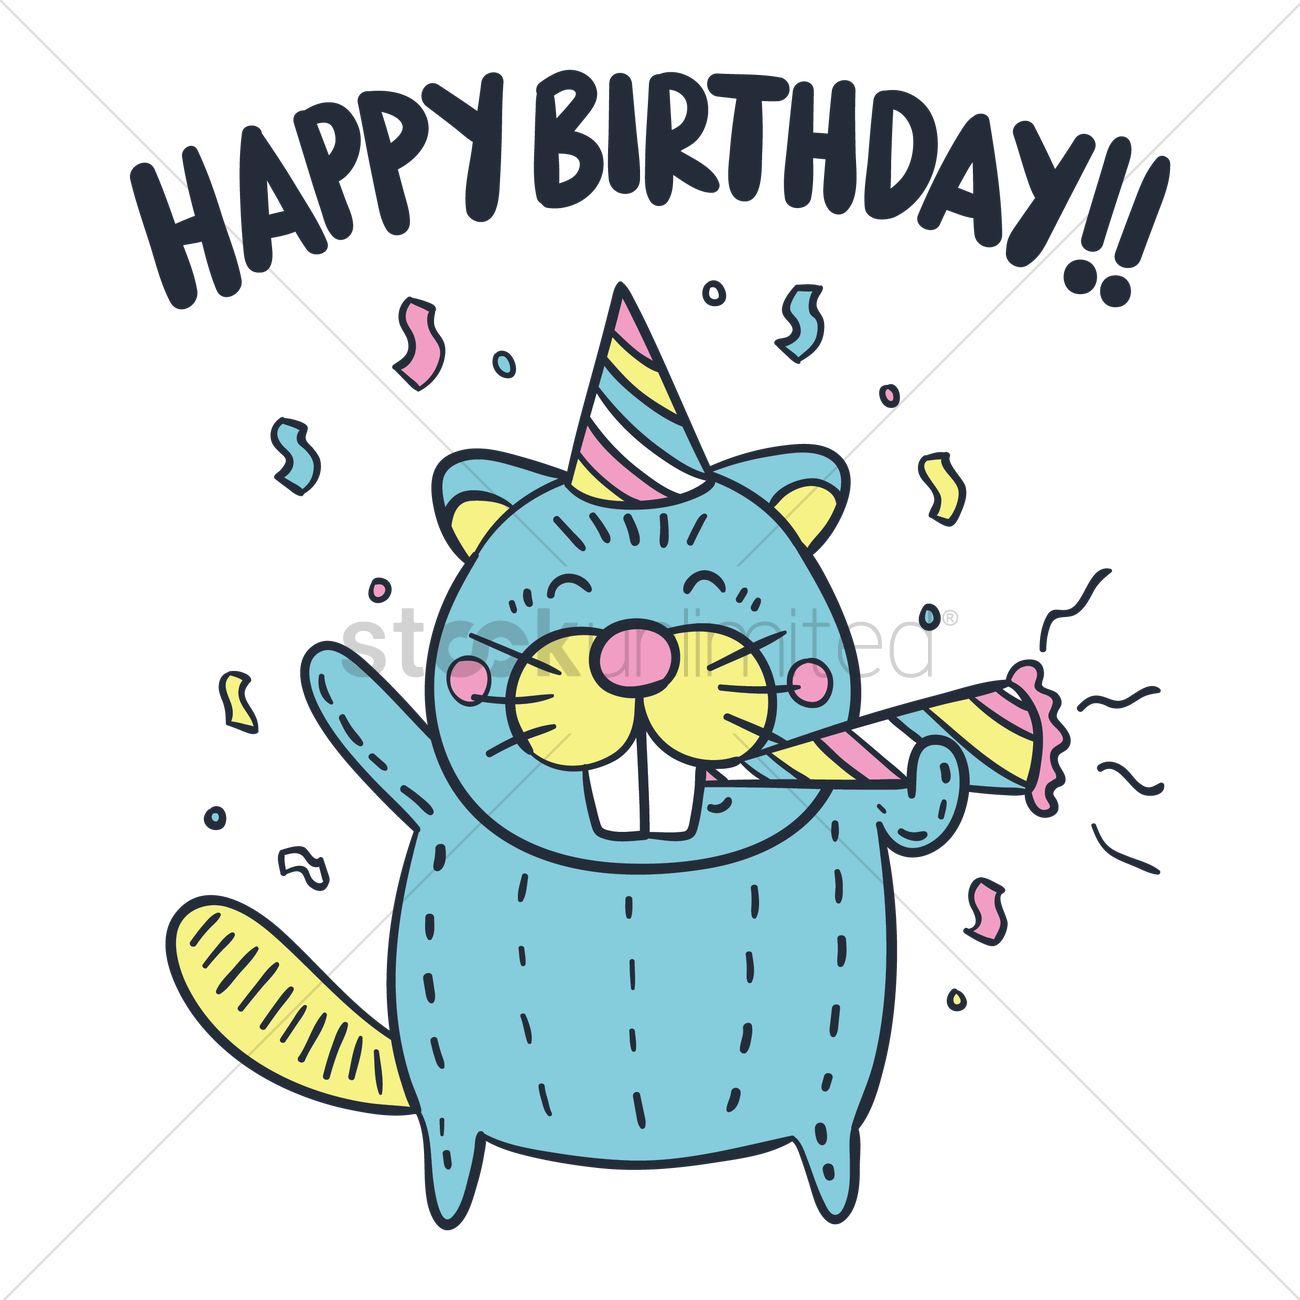 Cartoon Beaver Wishing Happy Birthday Vector Graphic